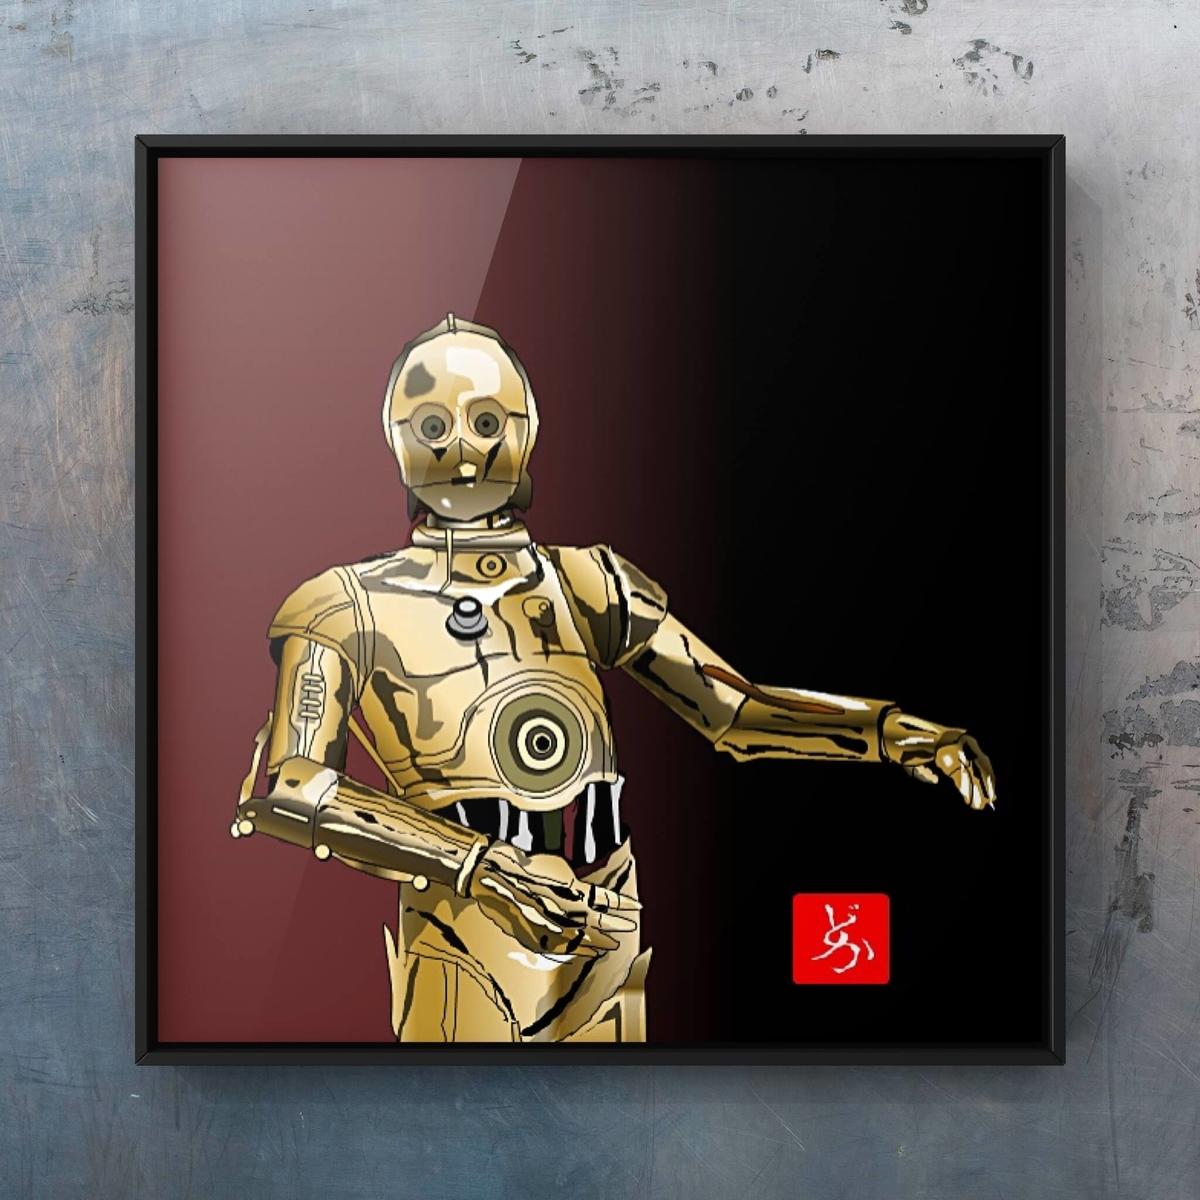 スターウォーズ9 C-3POのエクセル画イラスト額装版